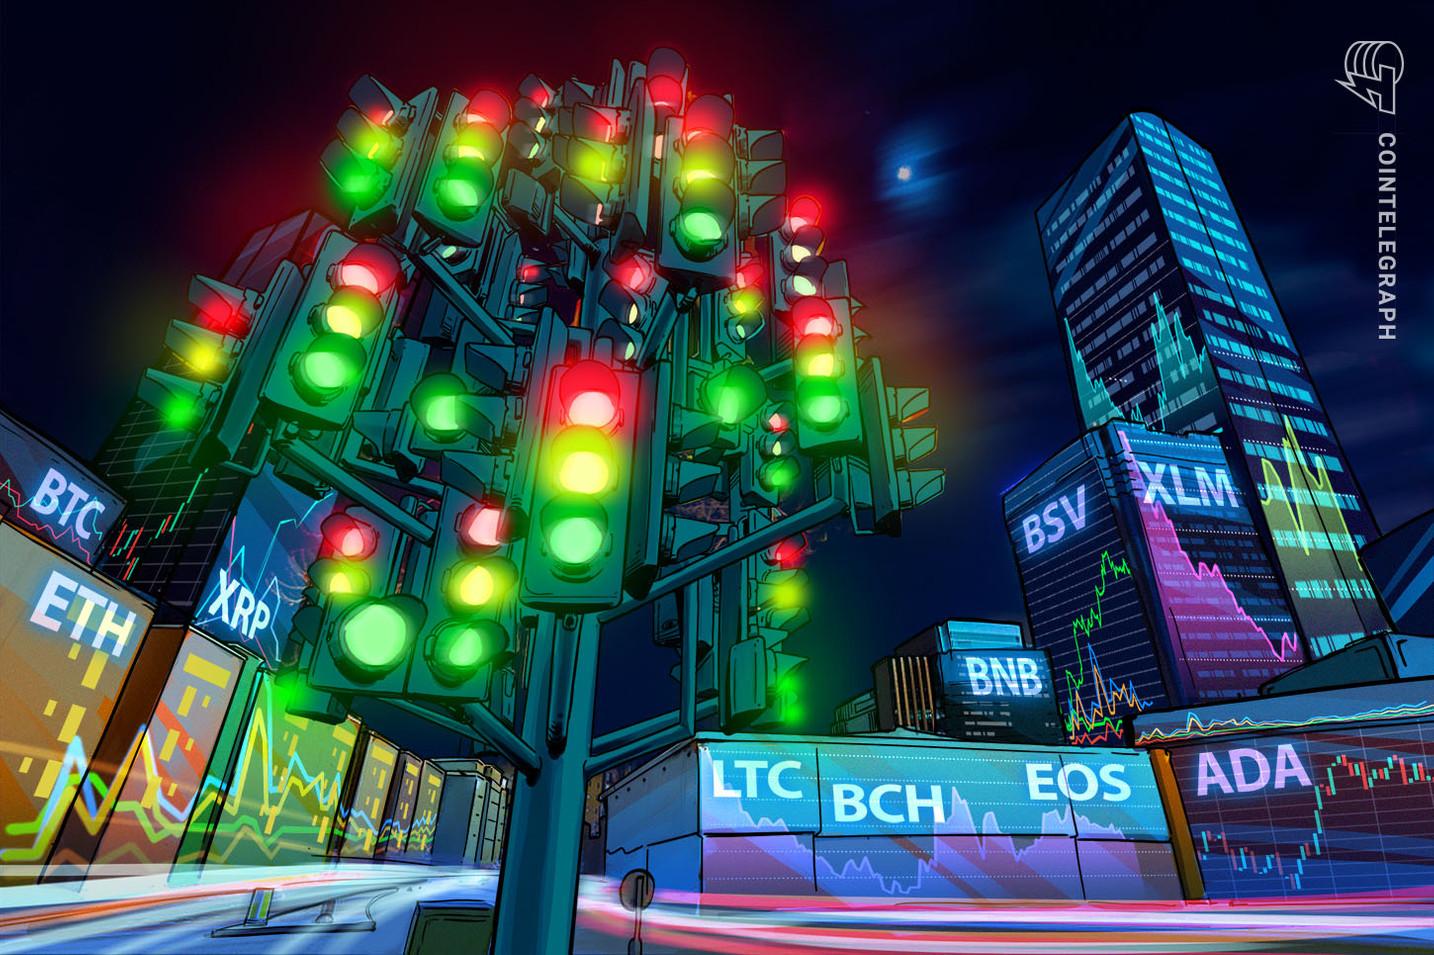 Analisi dei prezzi 30/07: BTC, ETH, XRP, LTC, BCH, BNB, EOS, BSV, XLM, ADA